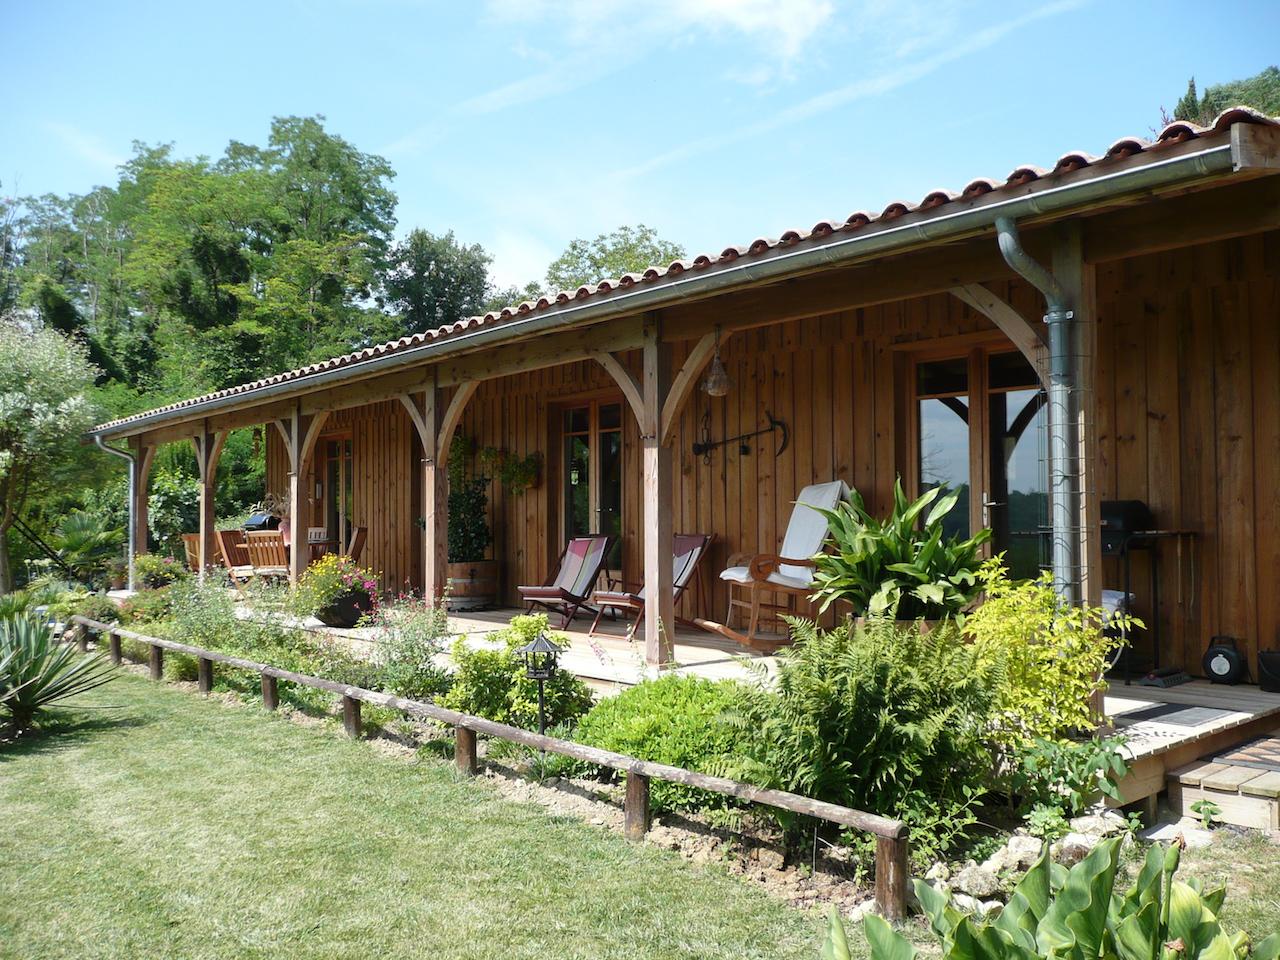 Maison bois de plain-pied de 130m2 avec terrasse couverte et volige ...